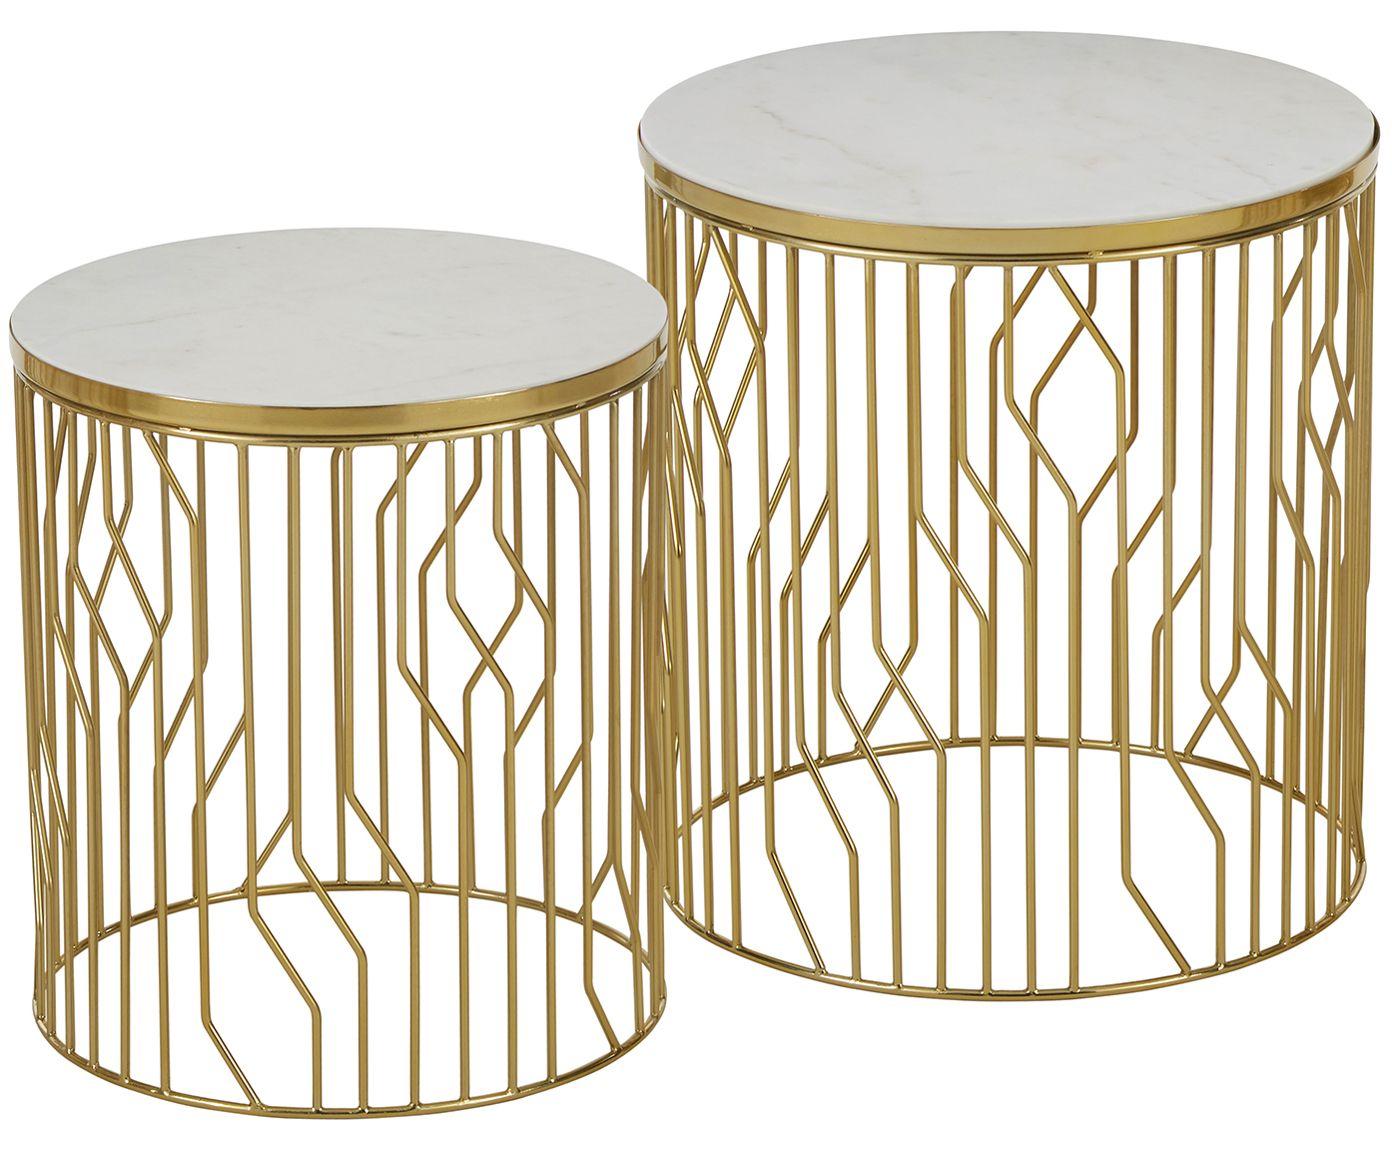 Marmor Beistelltisch Set Emerson 2 Tlg In Weiss Gold Aus Metall Marmor Von Anderson Online Kaufen Gra Marmor Beistelltisch Beistelltisch Beistelltische Set